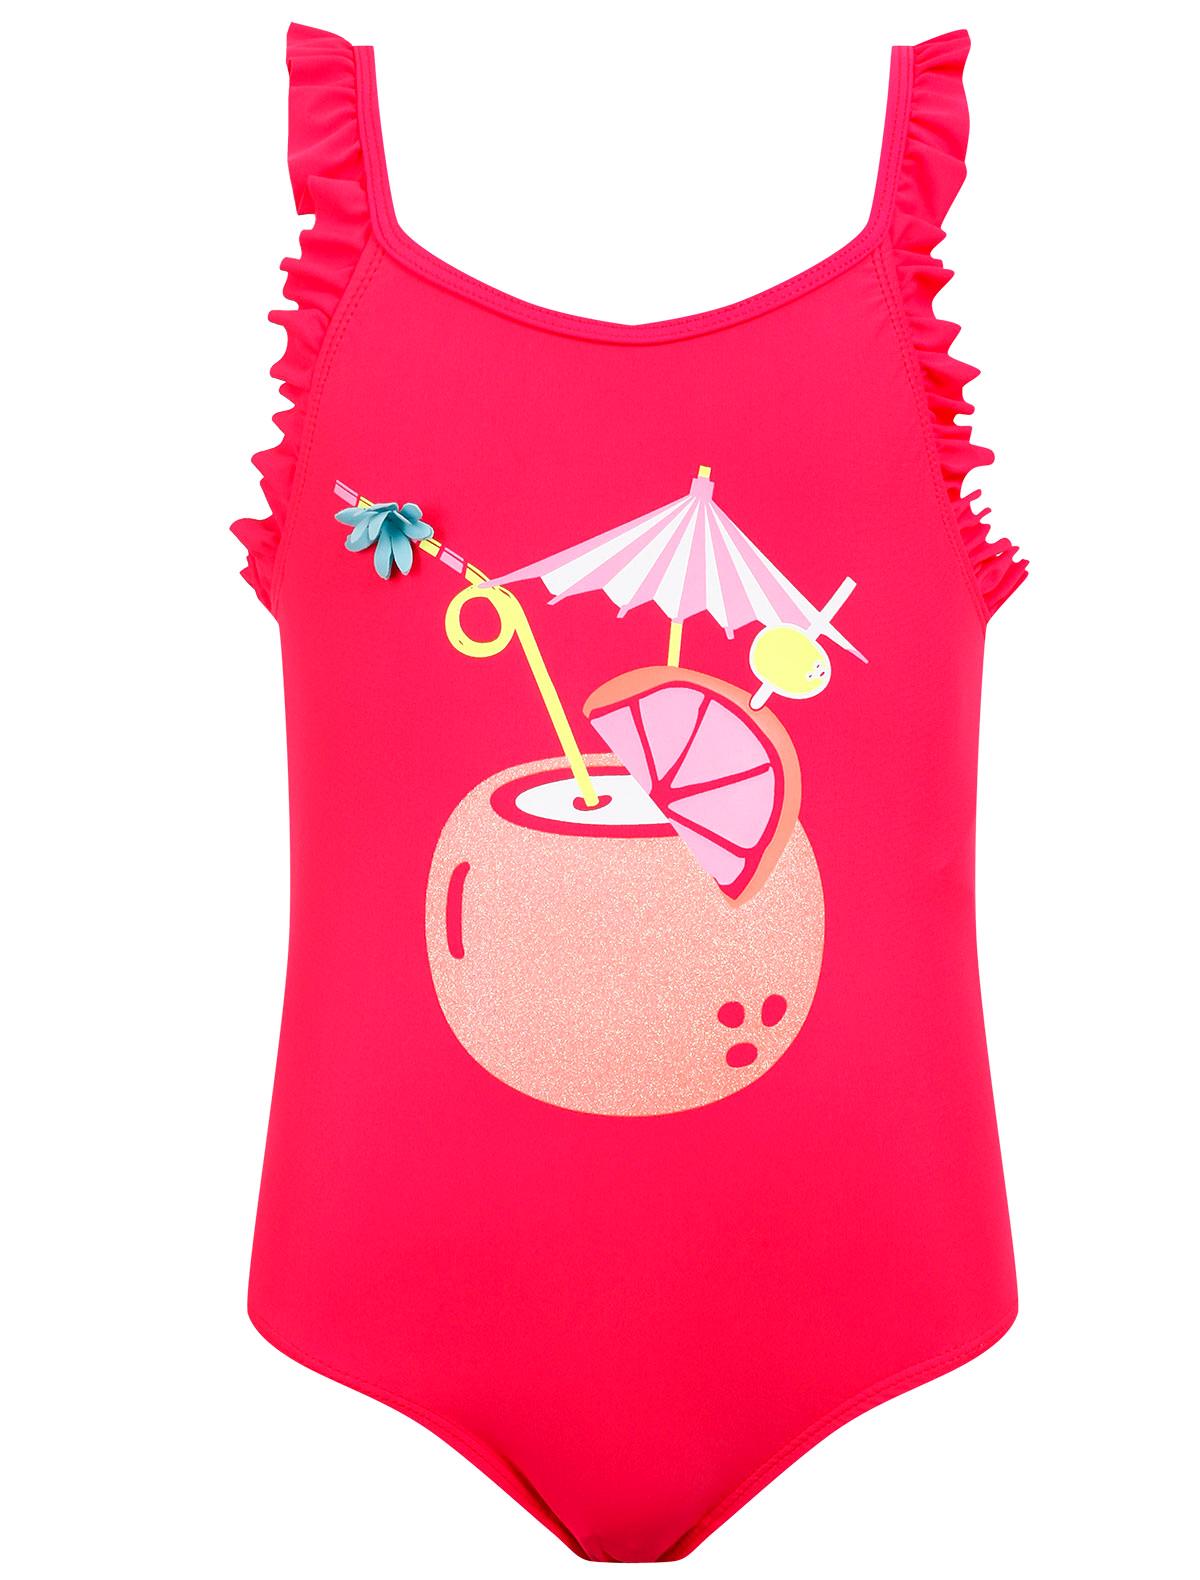 Купить 2310743, Купальник Billieblush, розовый, Женский, 0884509174680